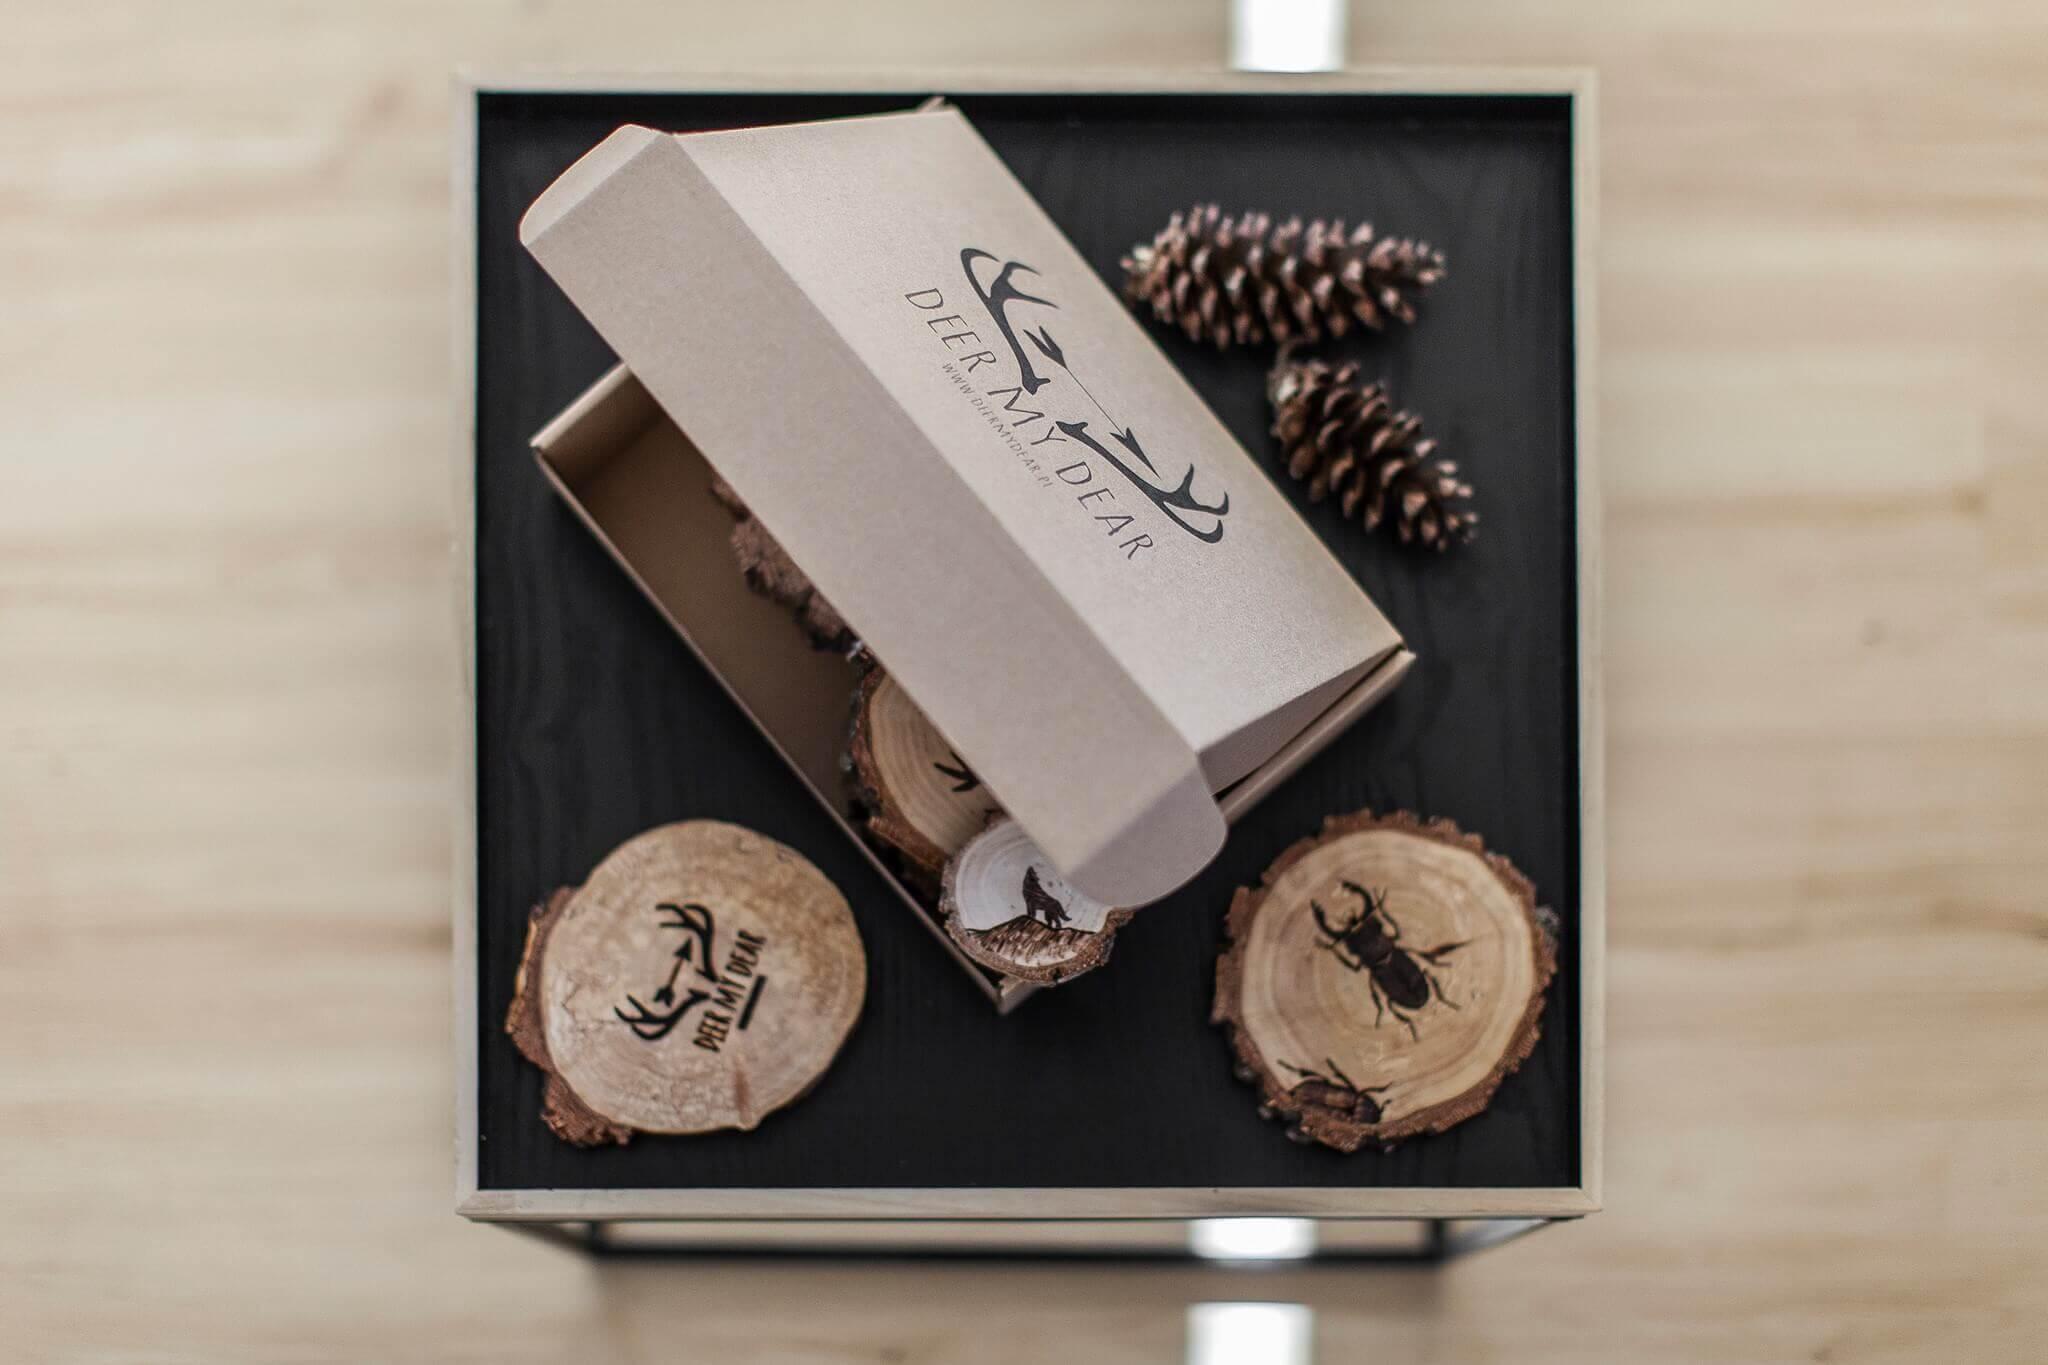 una caja blanca con varios adornos rústicos a su alrededor